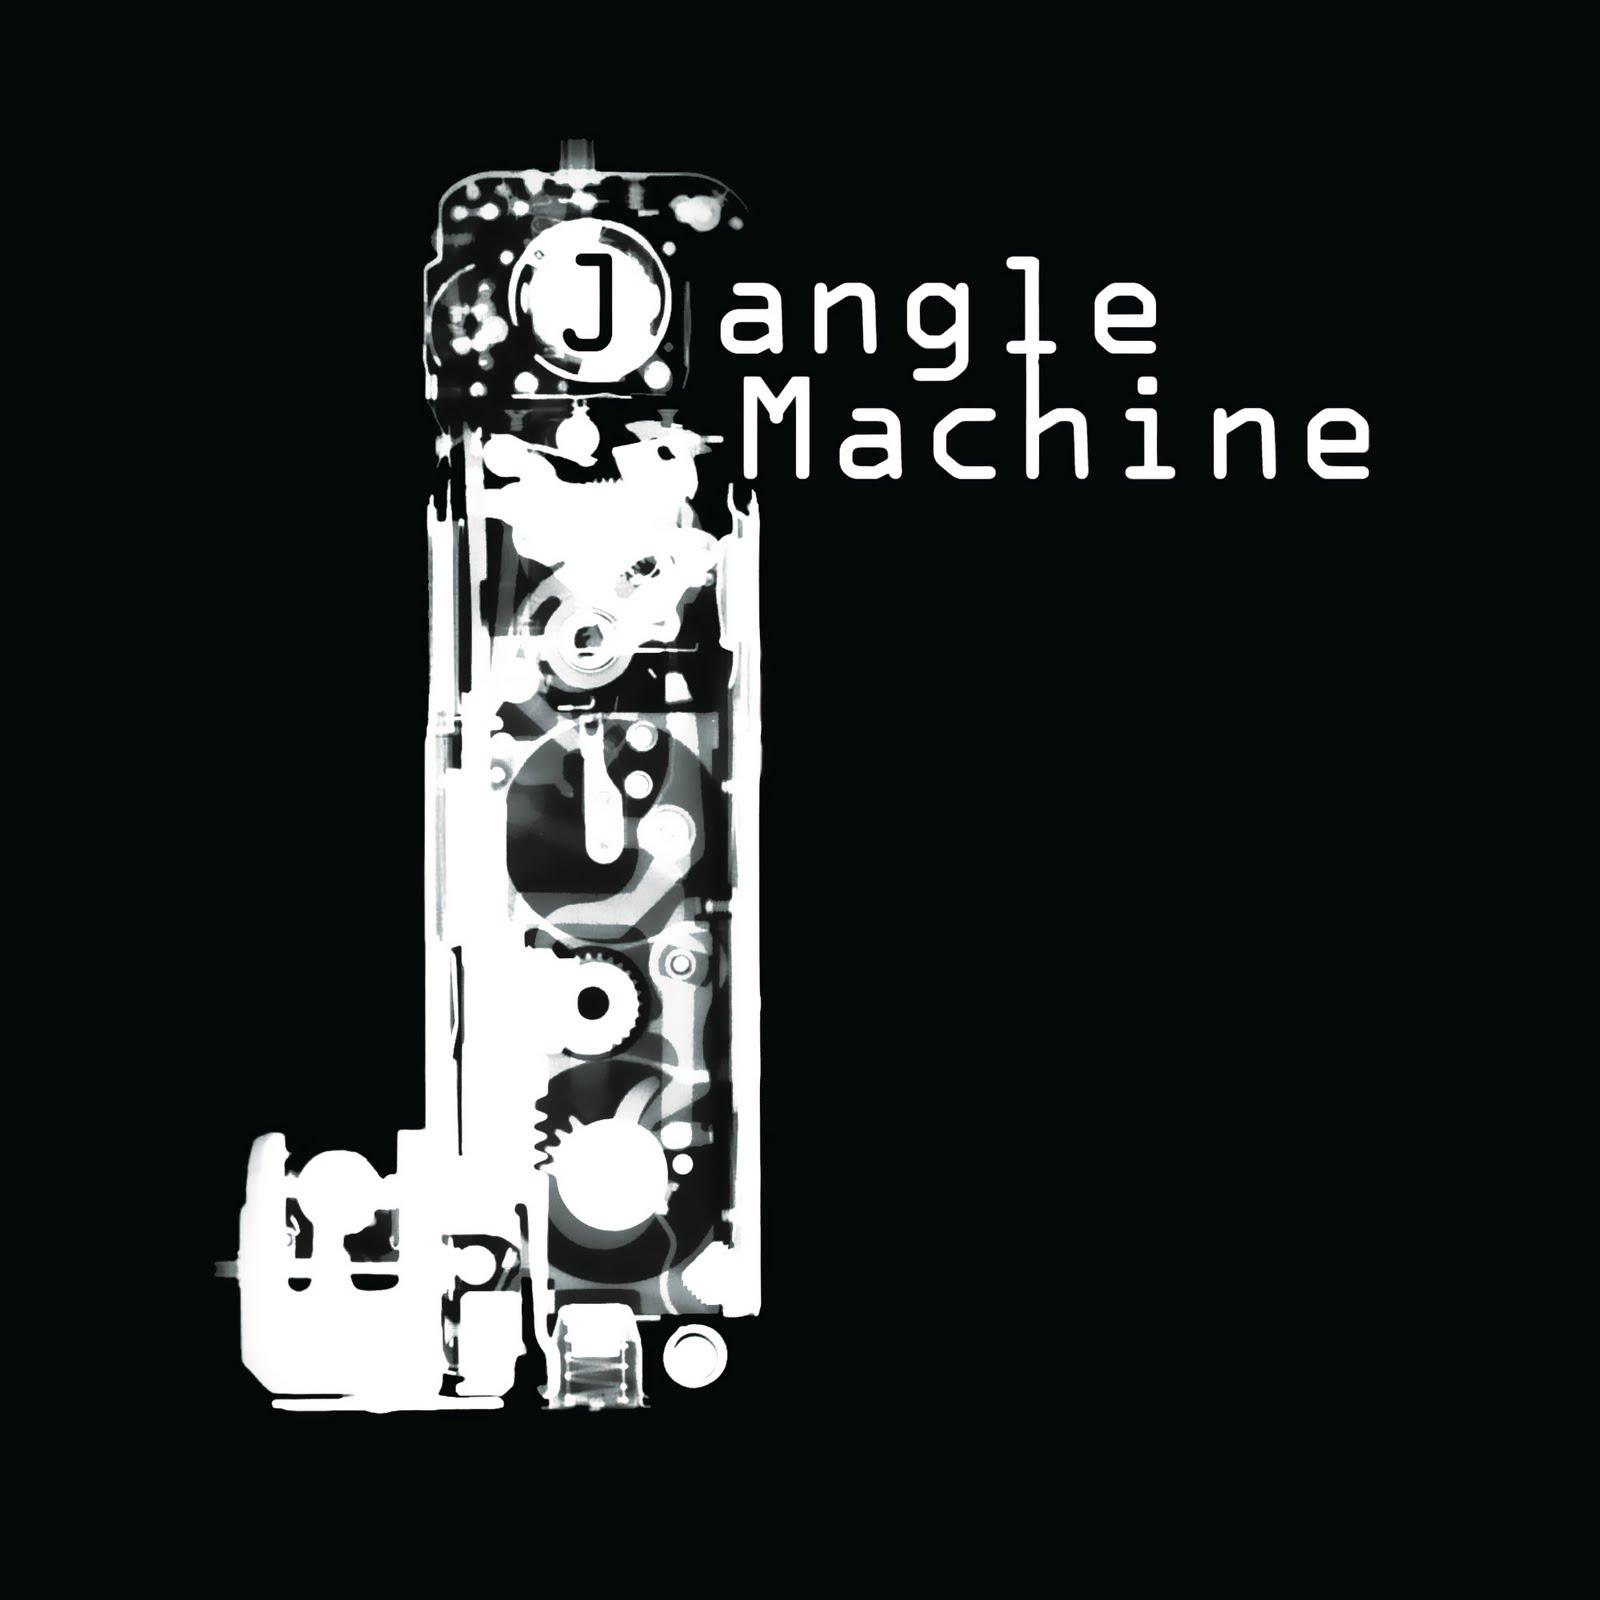 JangleMachine 2000px